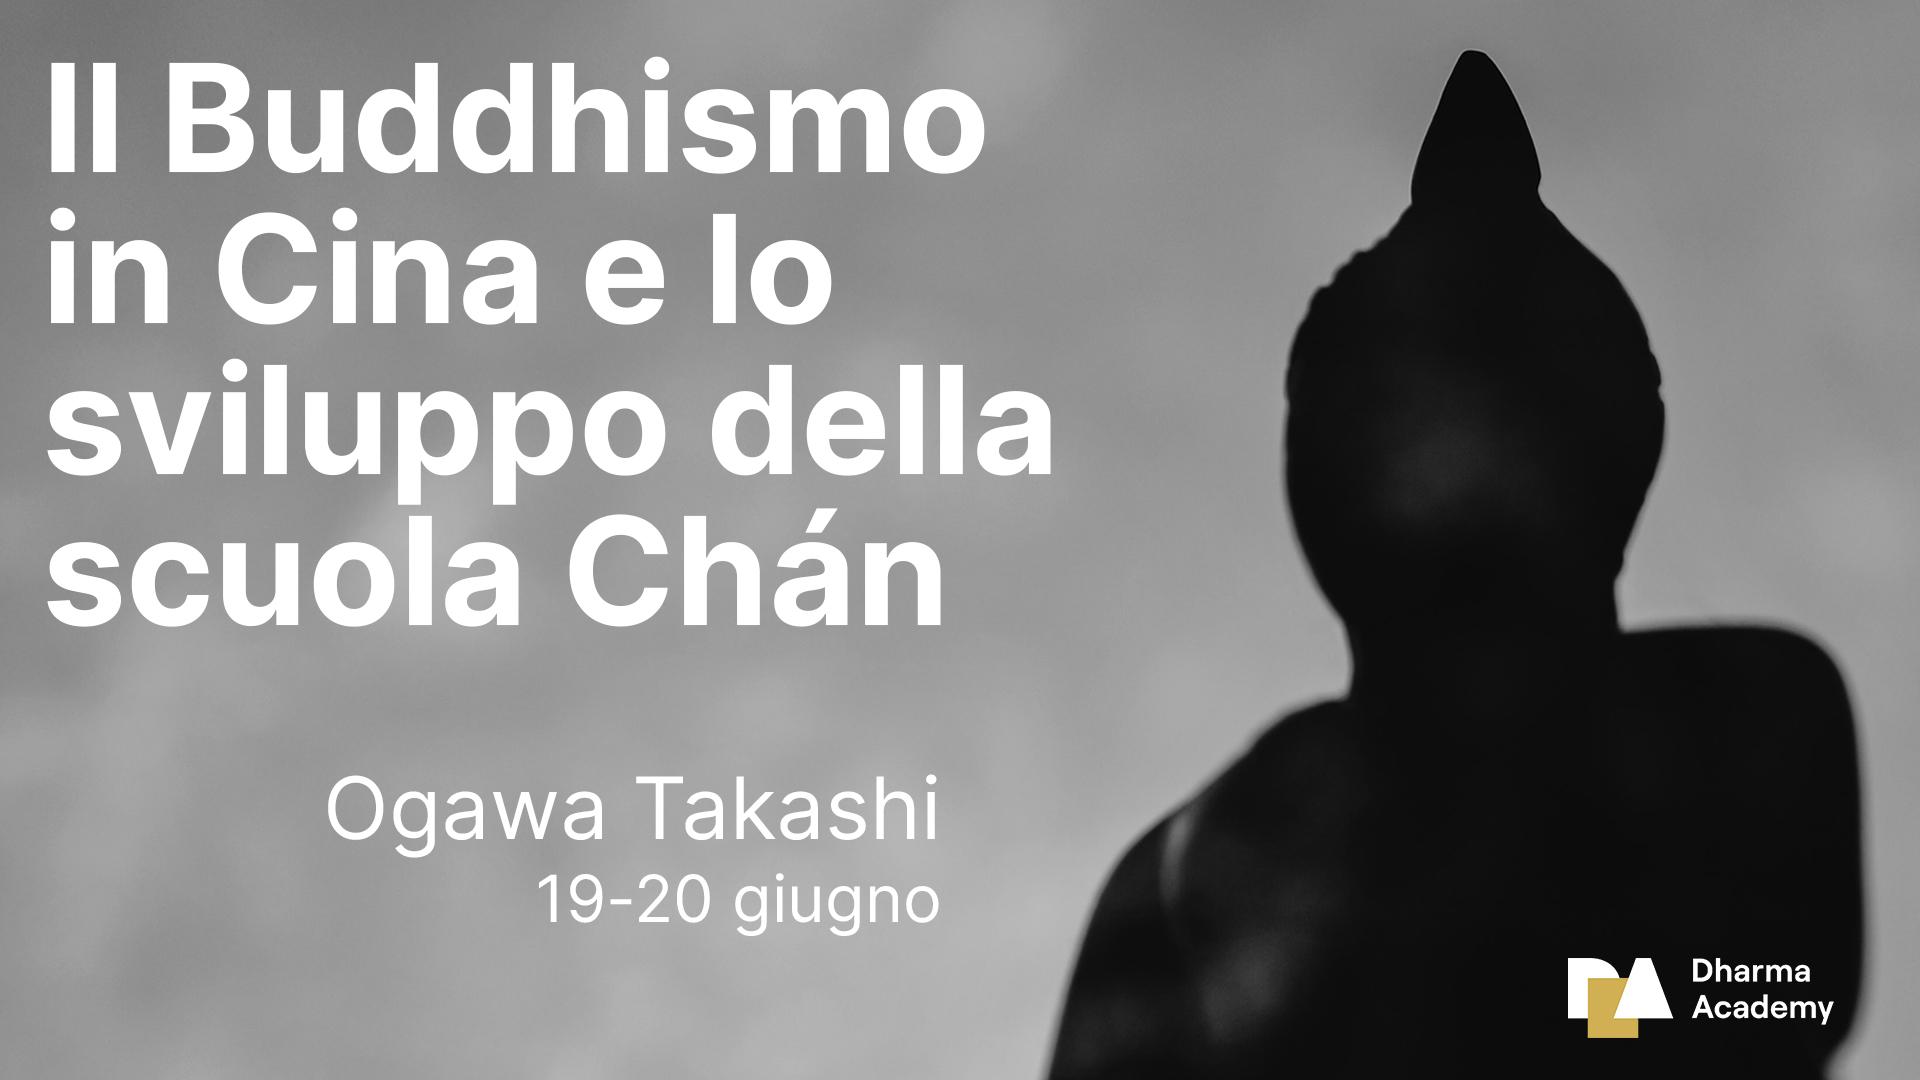 Il Buddhismo in Cina e lo sviluppo della scuola Chan